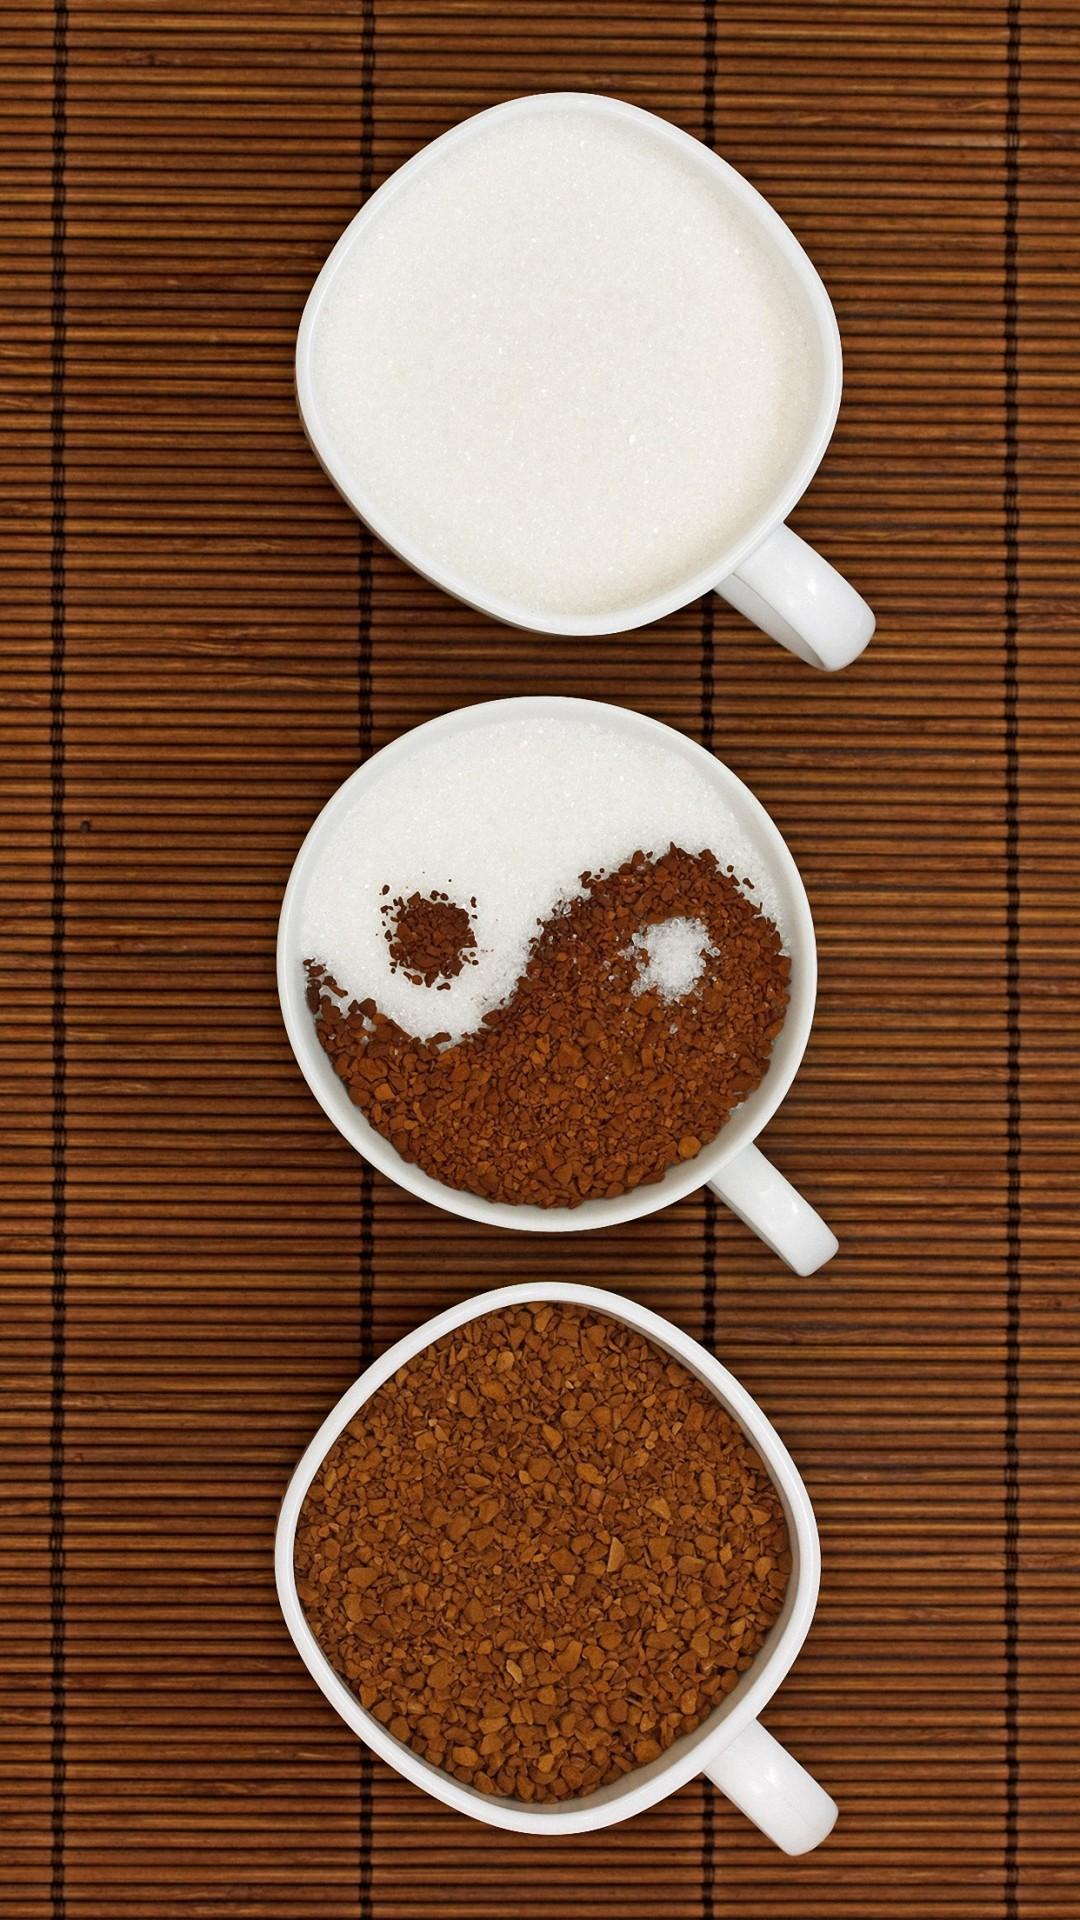 cute yin yang coffee iphone 6 wallpapers HD